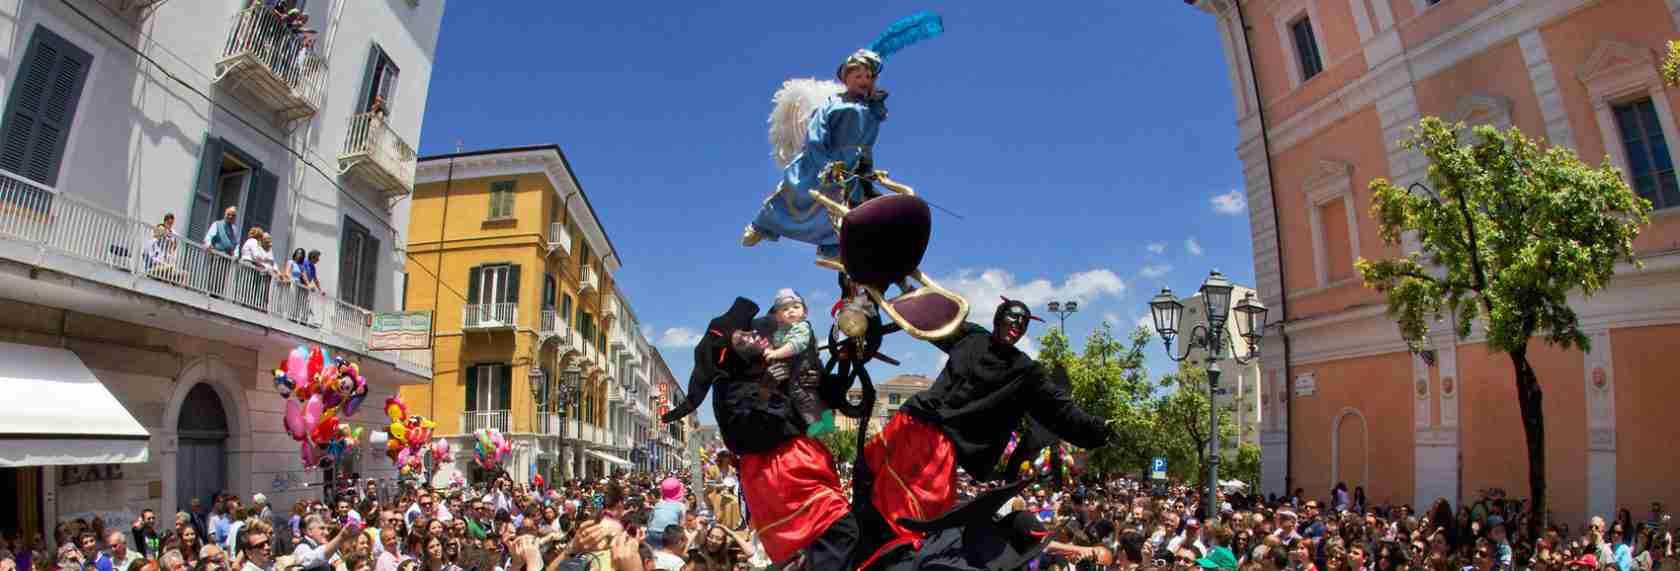 Il Festival dei Misteri di Campobasso piace moltissimo anche alle escort di Campobasso. Magica Escort.